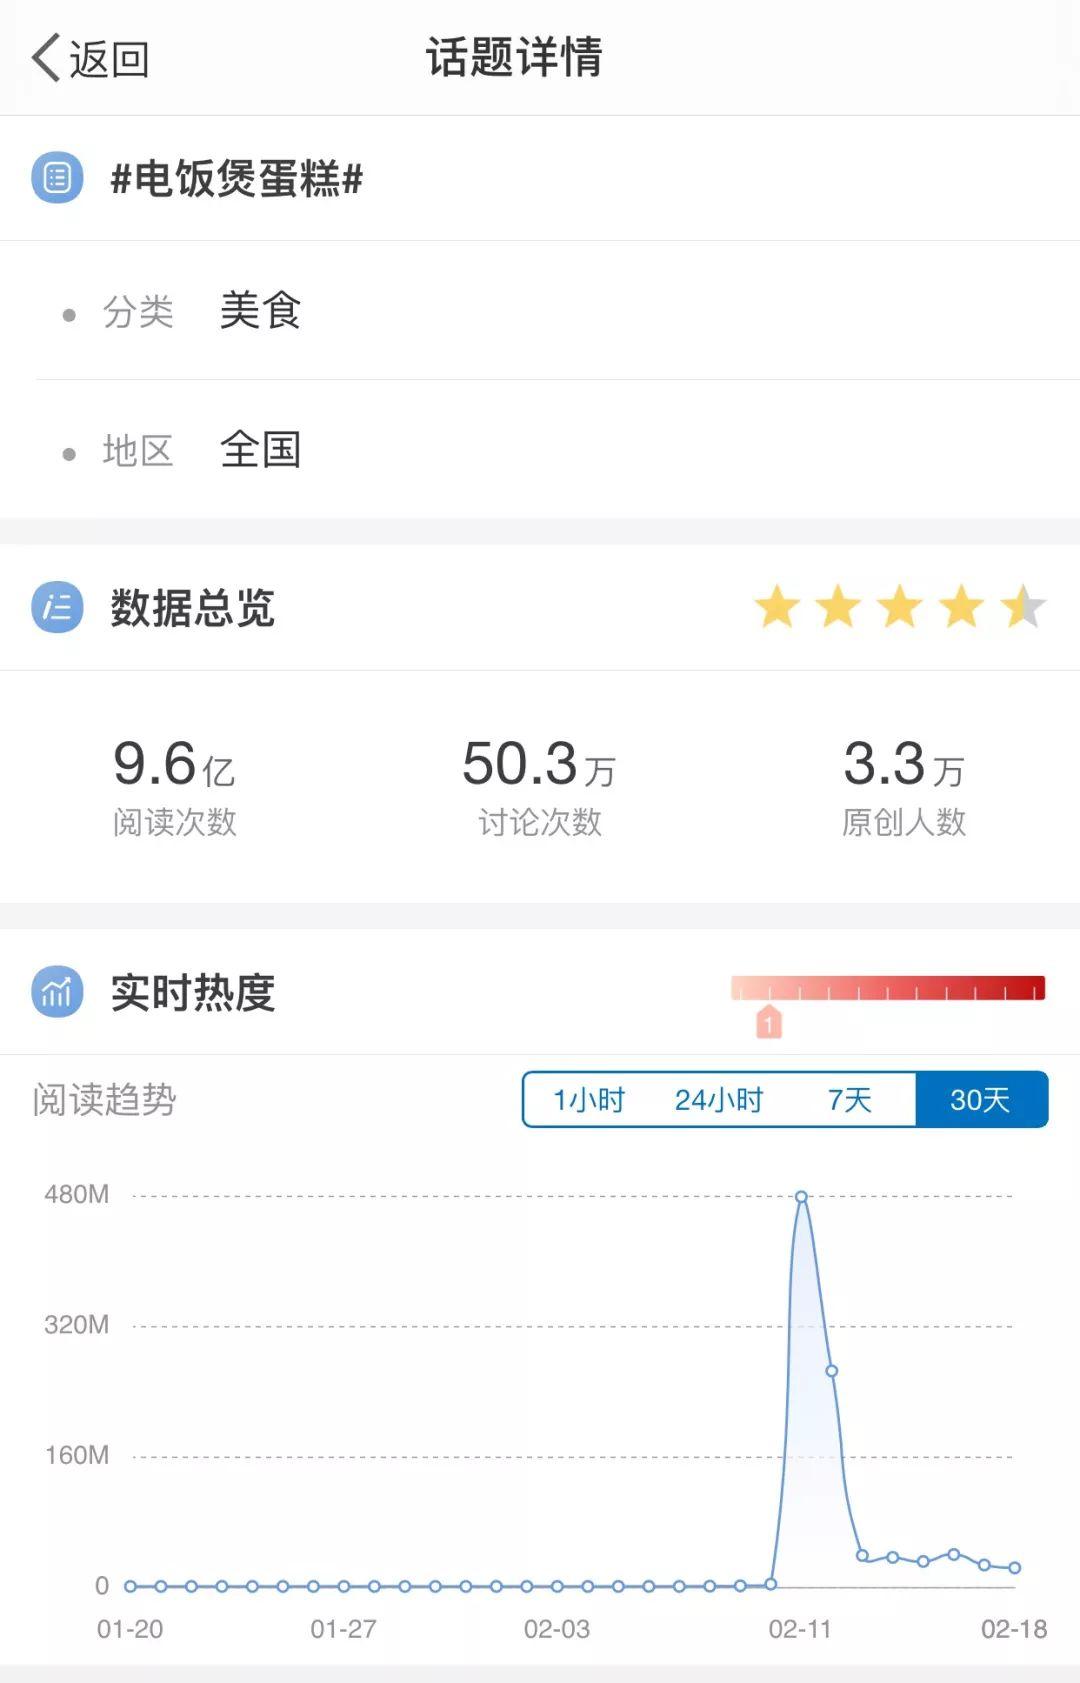 """微博话题""""电饭煲蛋糕""""热度情况 来源 / 燃财经"""